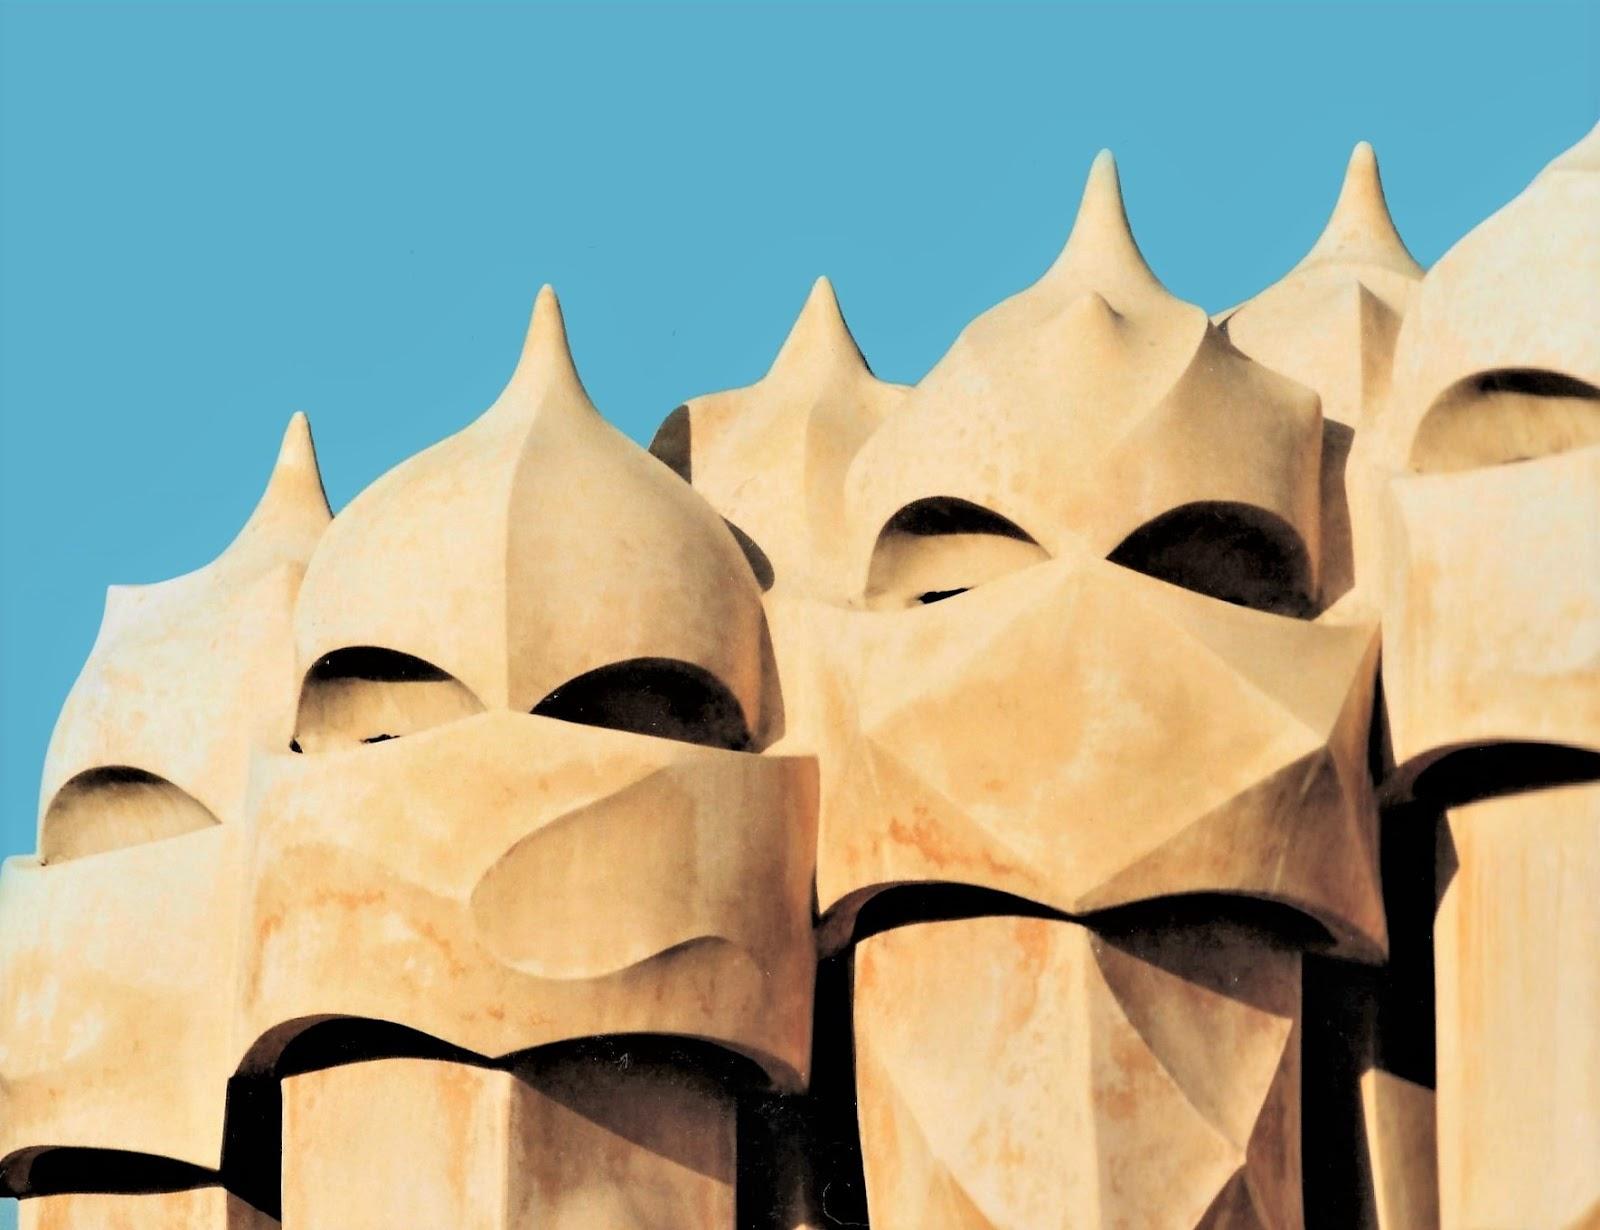 Gaudi's works in Barcelona